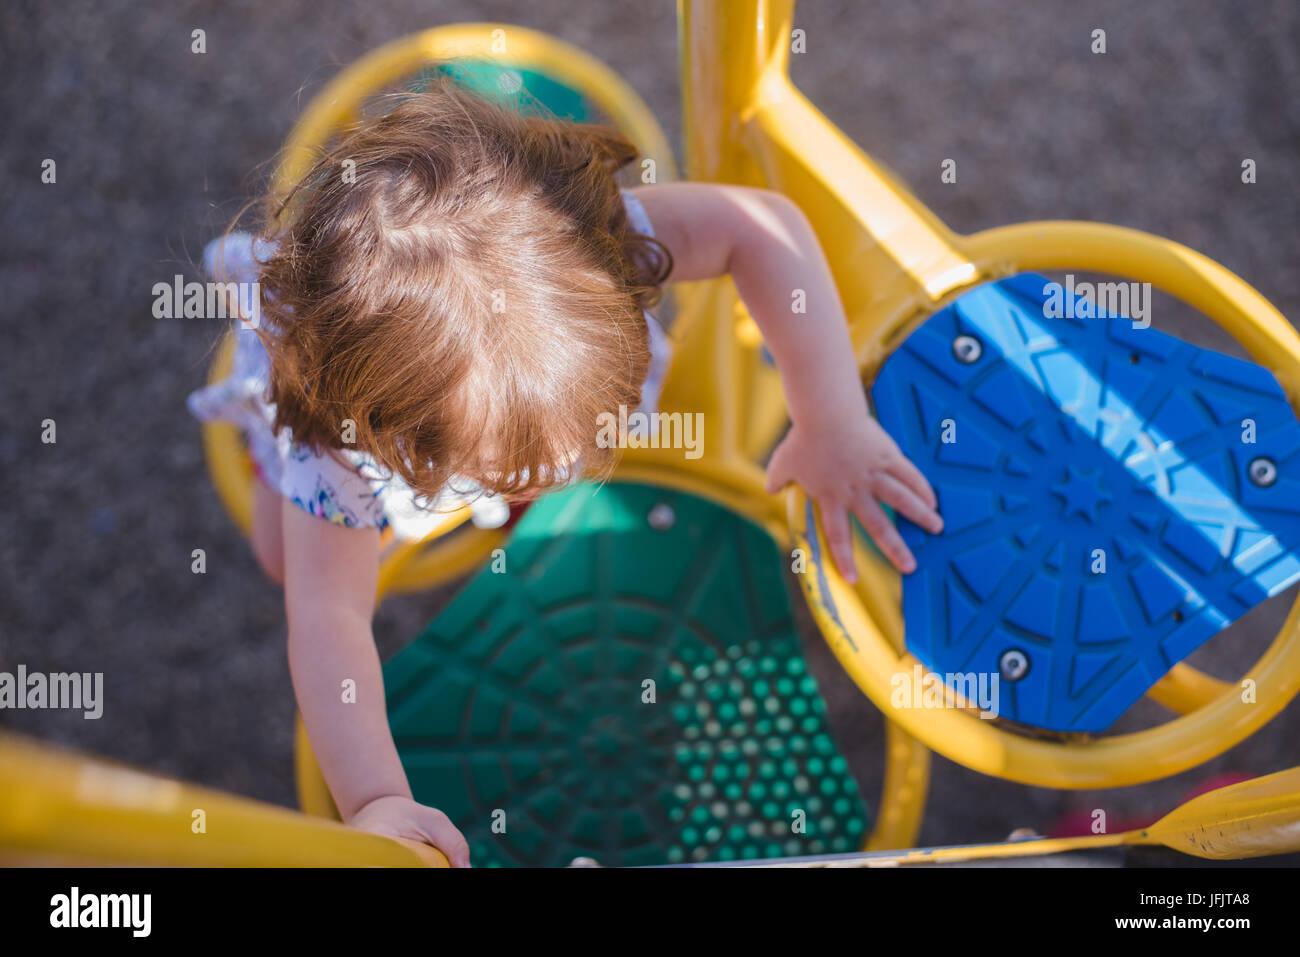 Une jeune fille monte à l'équipement de jeu à la lumière du soleil le port de chaussures Photo Stock